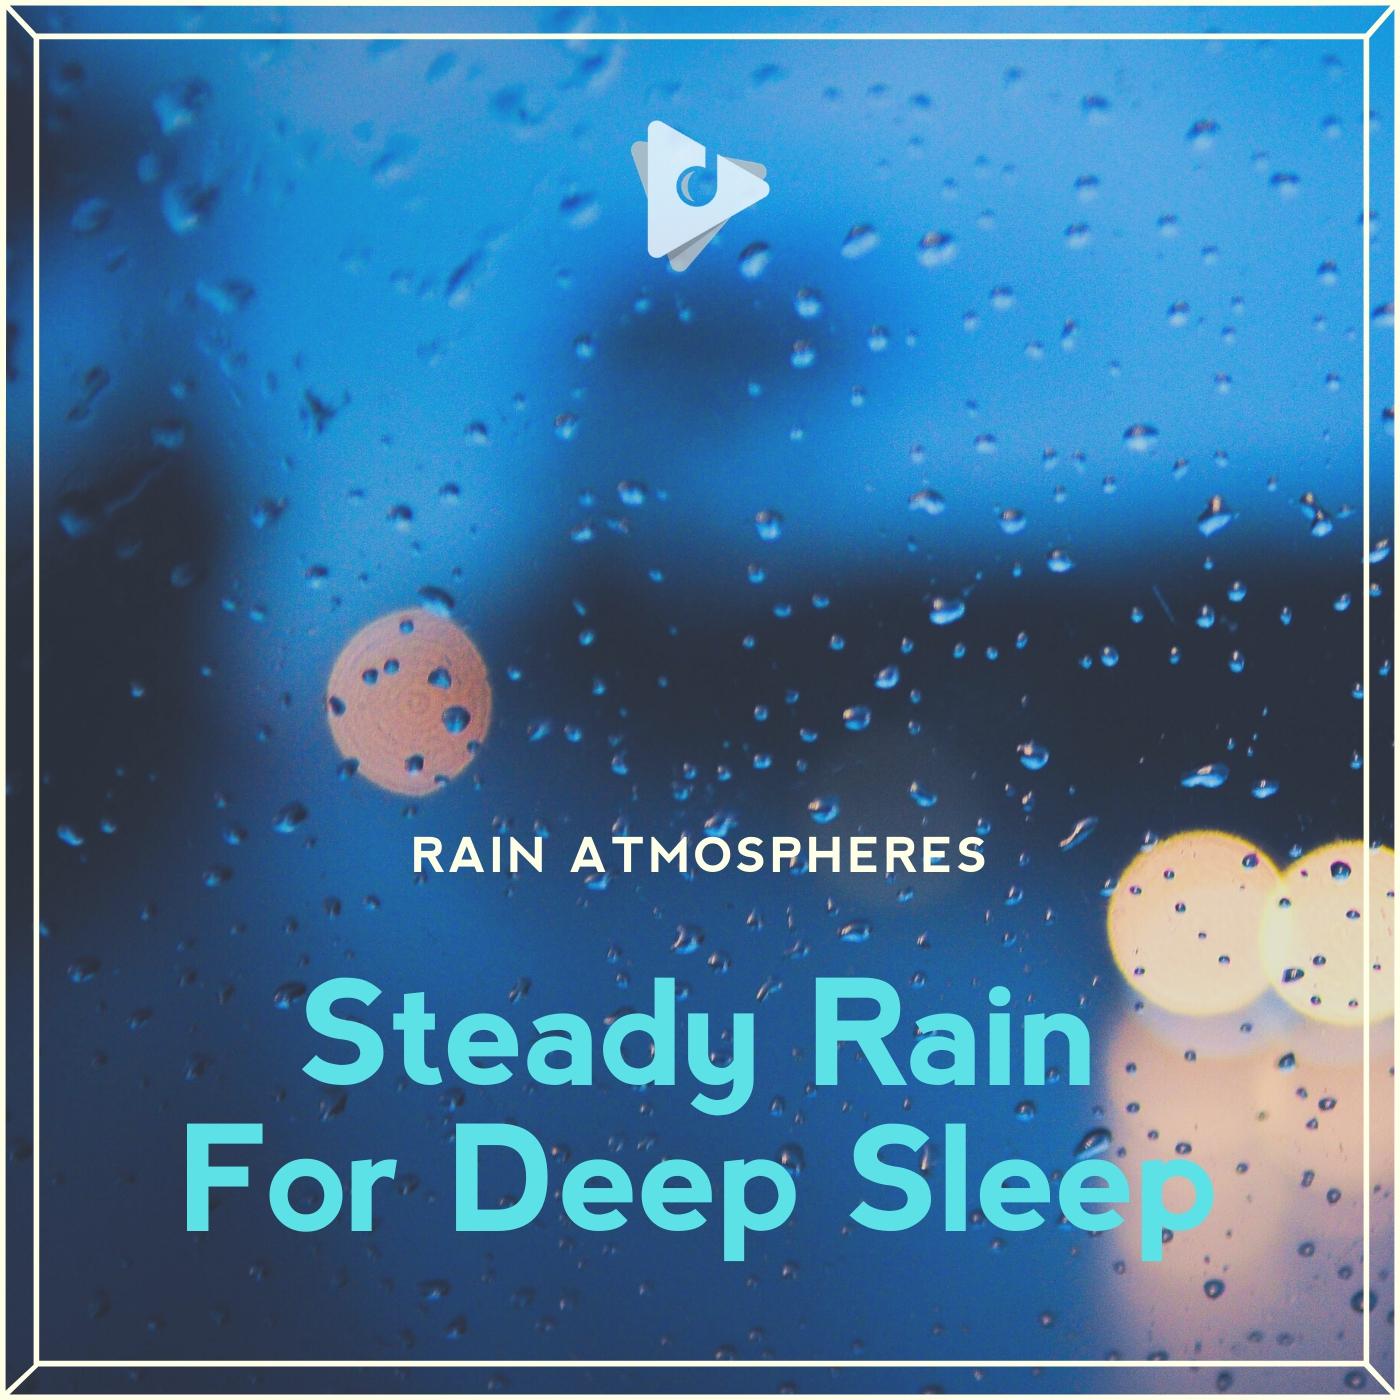 Steady Rain For Deep Sleep